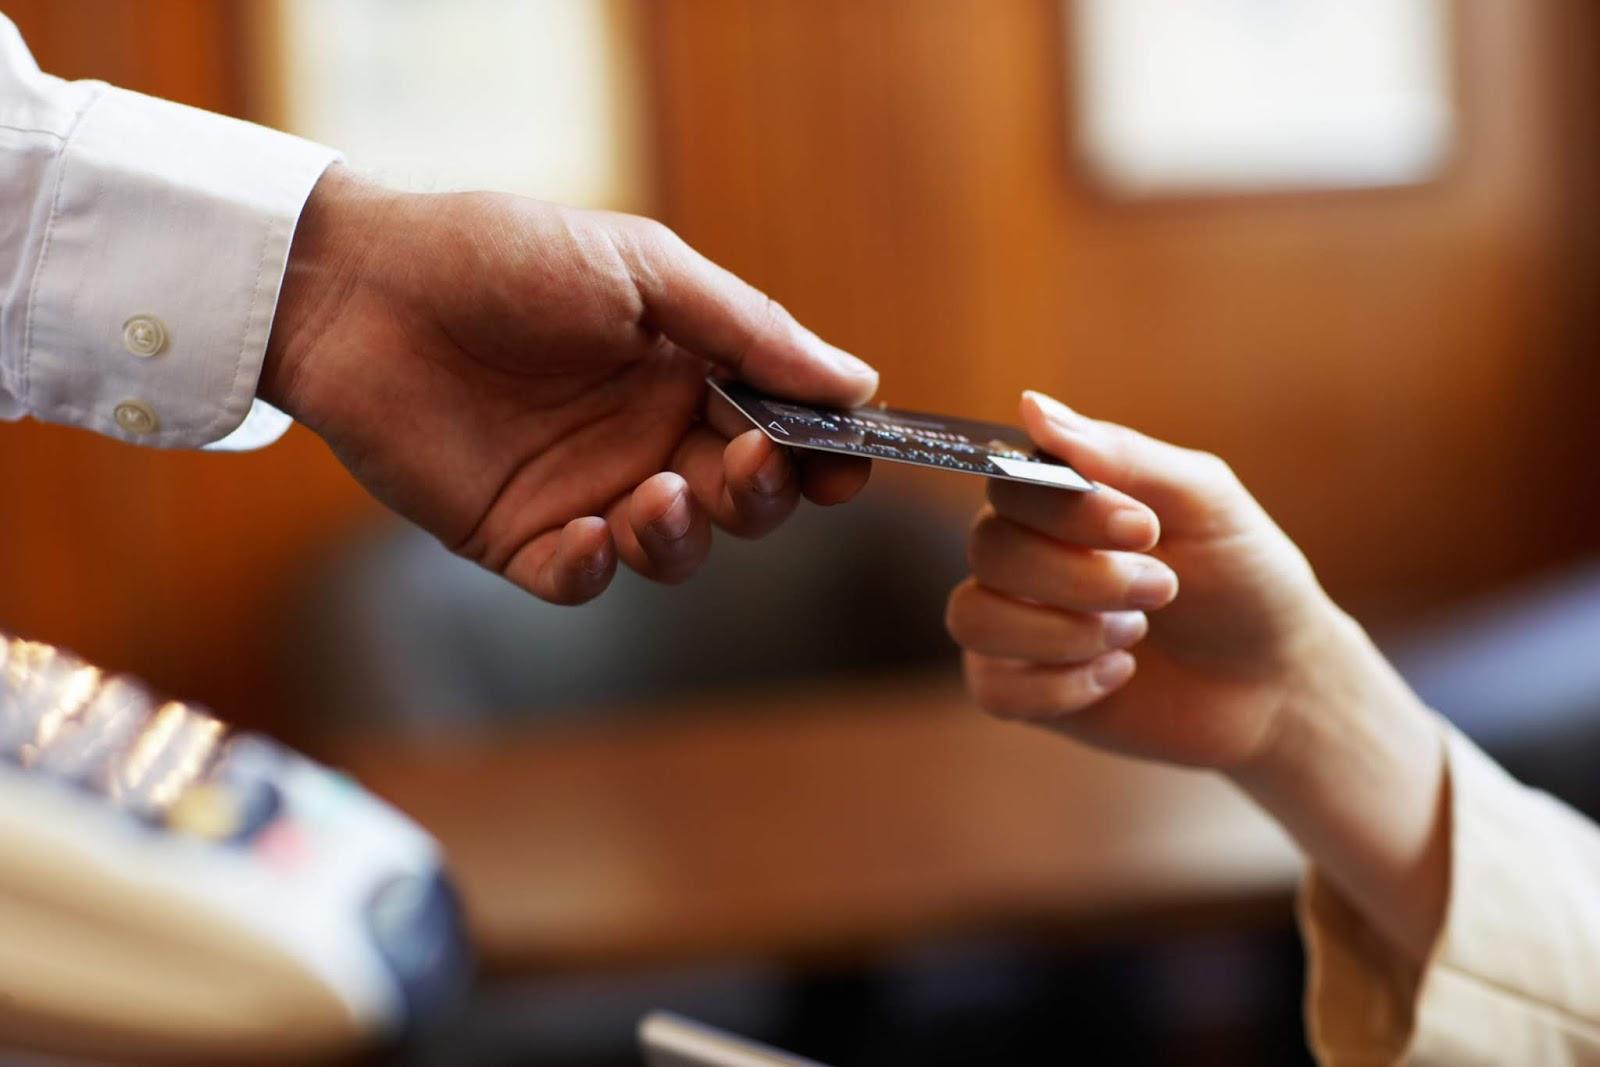 Τι αλλάζει στις ηλεκτρονικές συναλλαγές: Οι δαπάνες που υπολογίζονται στο νέο όριο του 30%